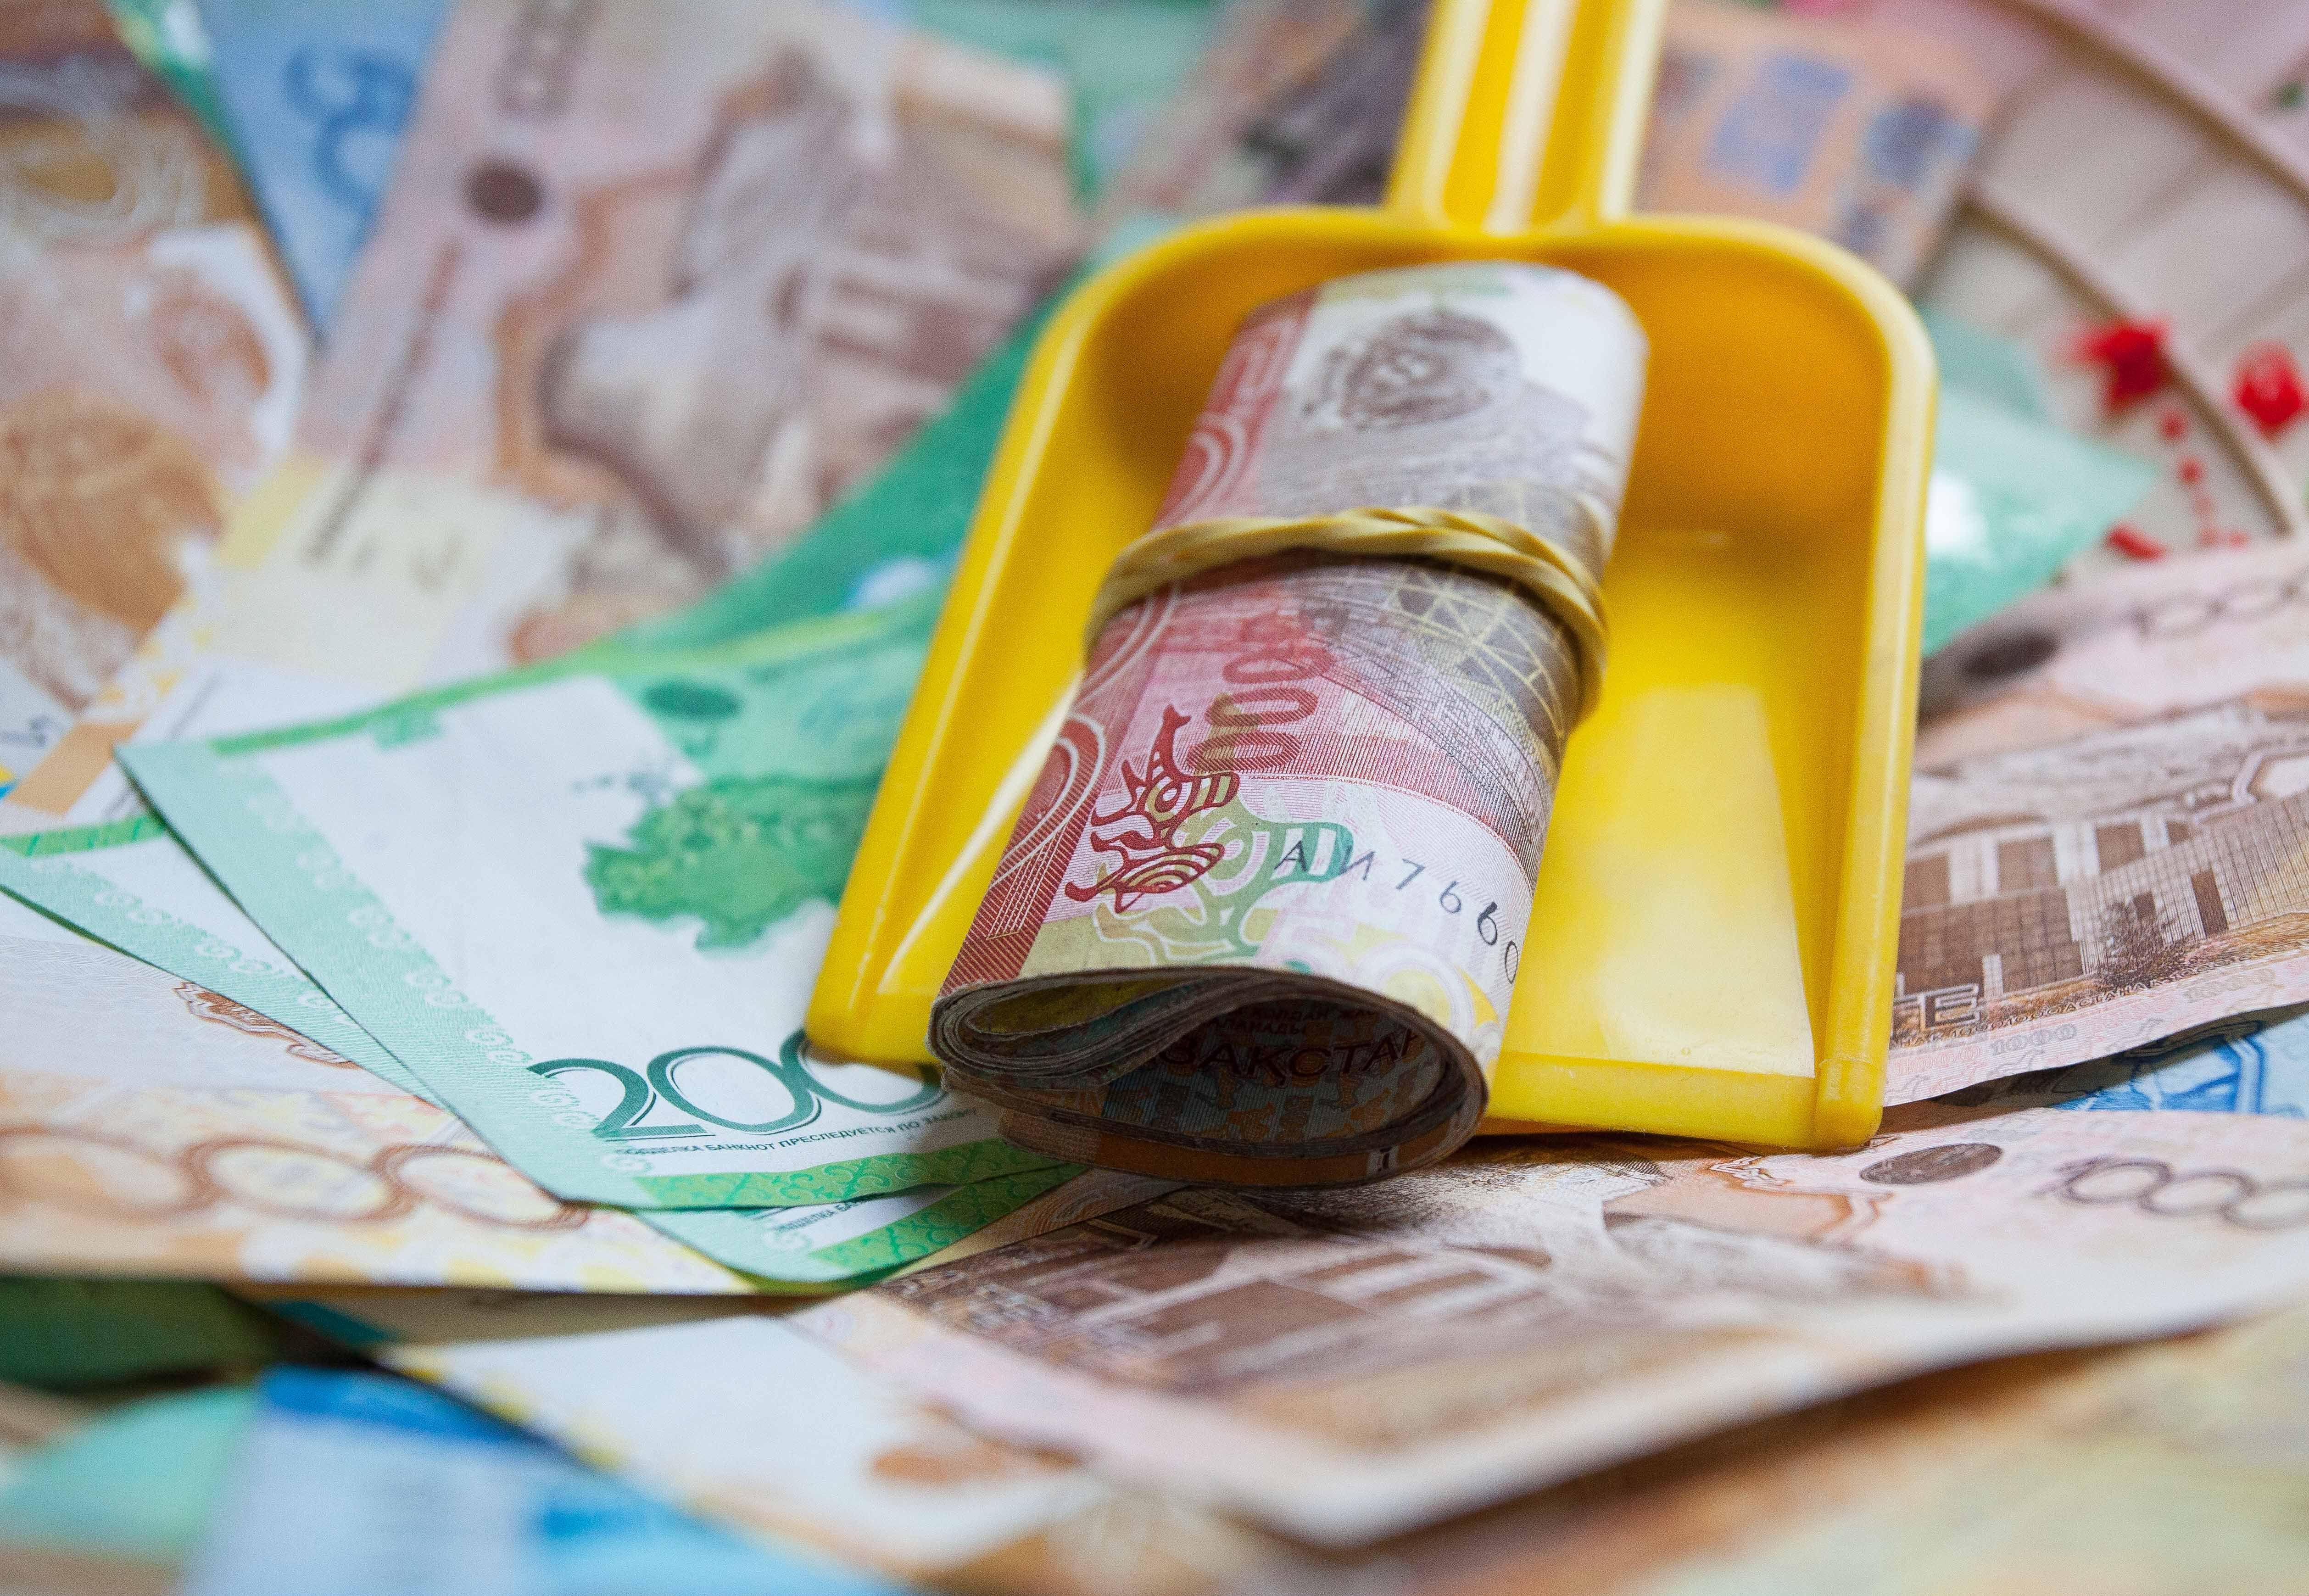 Объем займов, выданных в Астане, увеличился на 40%- Kapital.kz